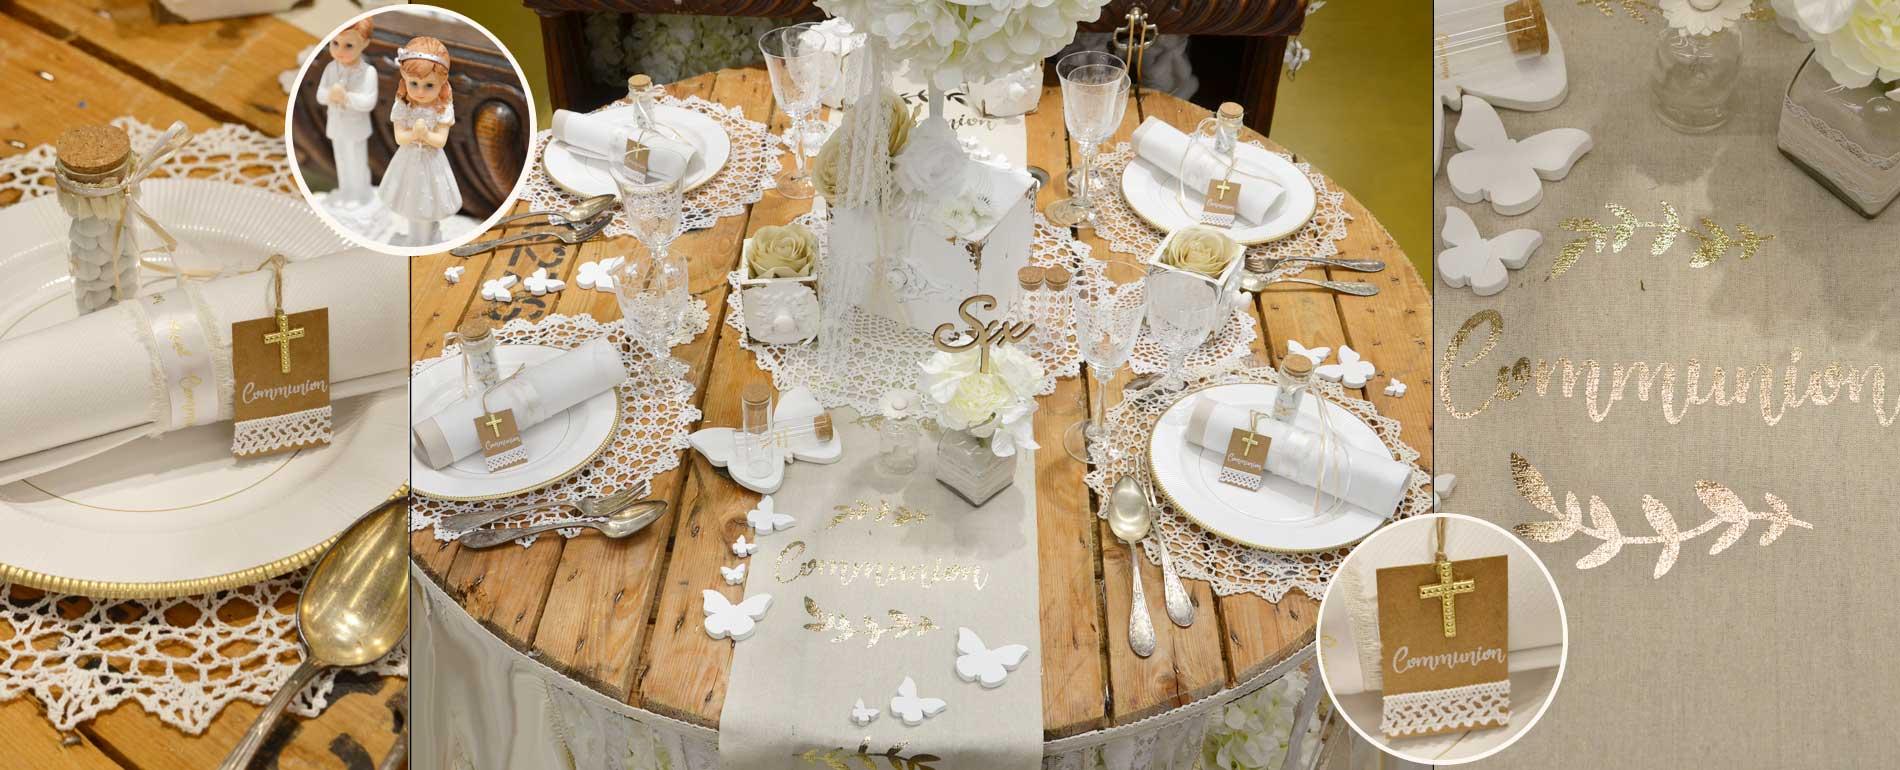 d coration de mariage bapt me communion sur d co de f te. Black Bedroom Furniture Sets. Home Design Ideas